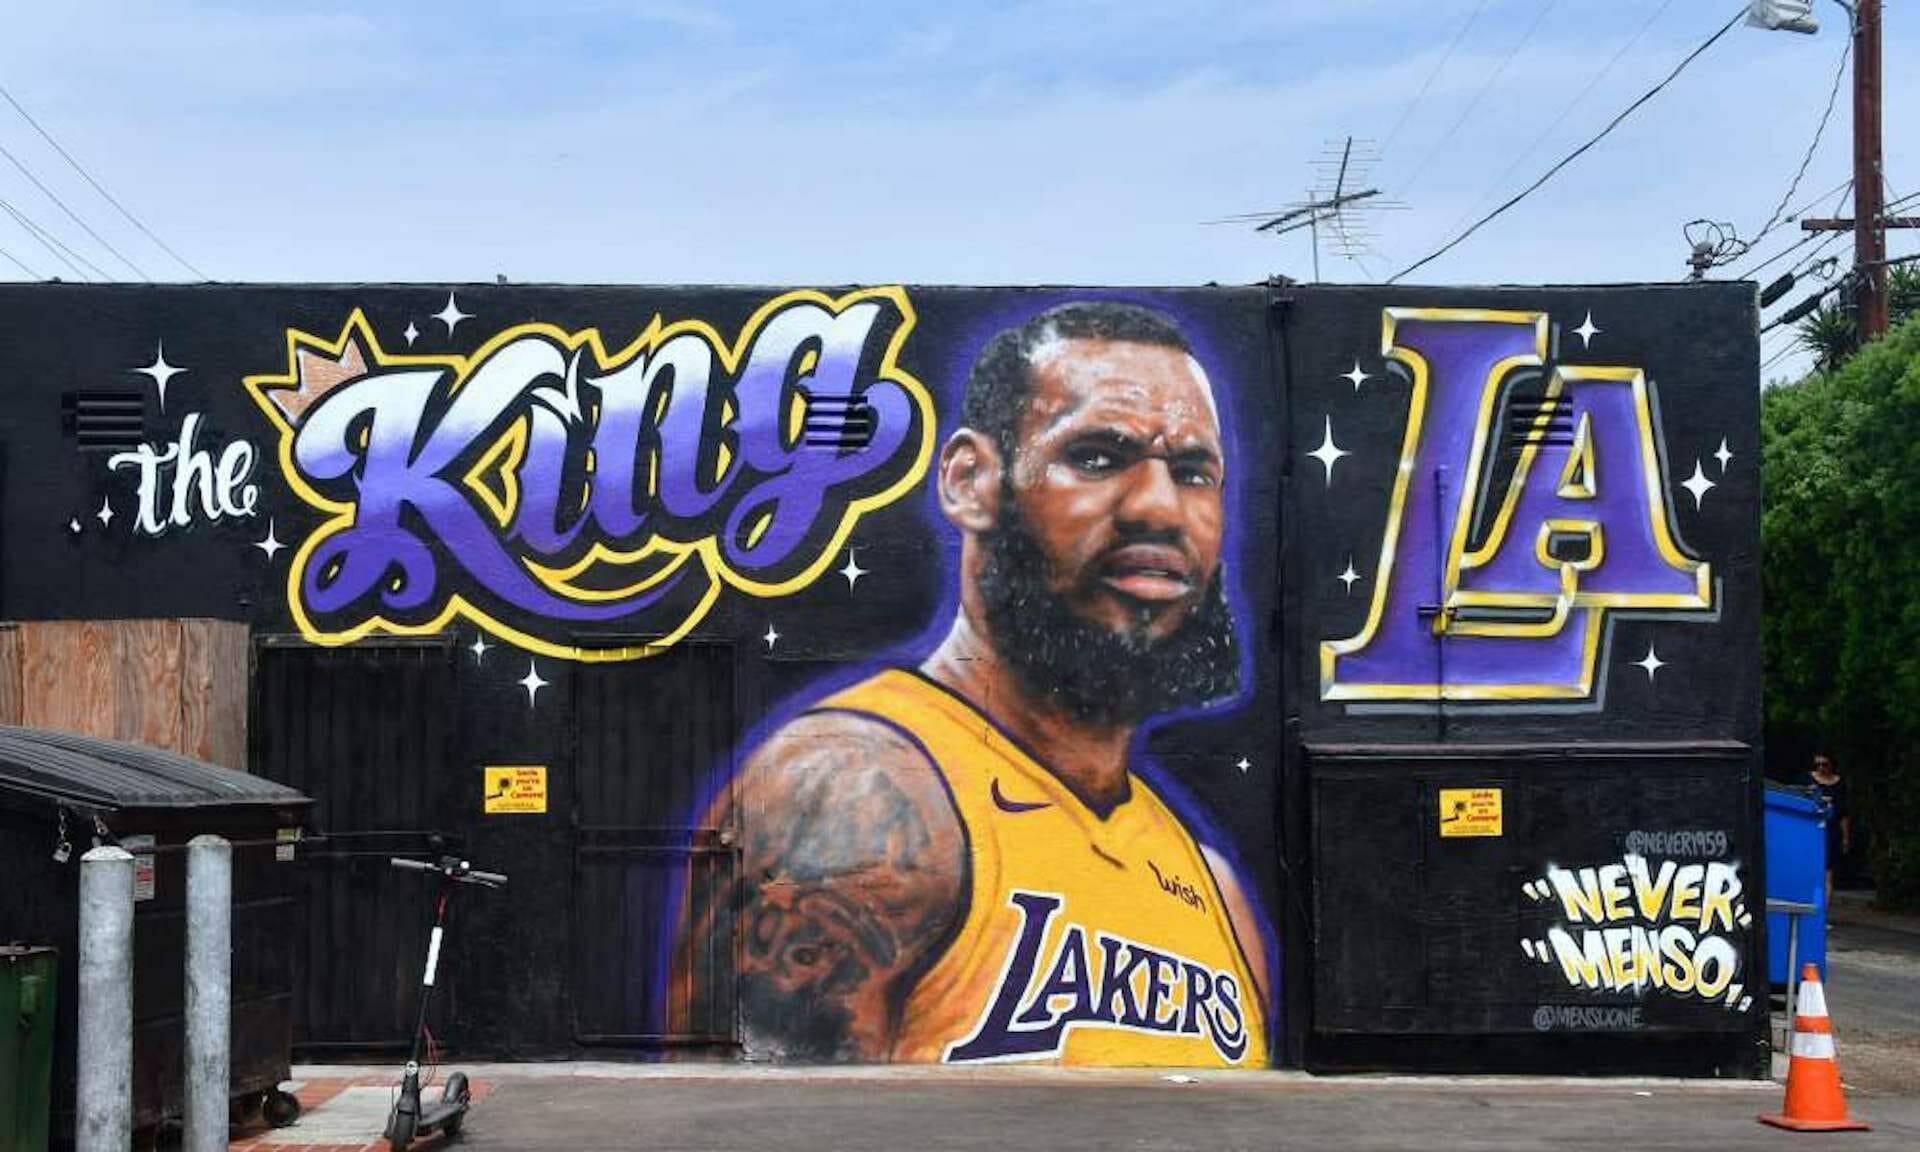 Quand les stars du sport s'affichent sur une fresque murale